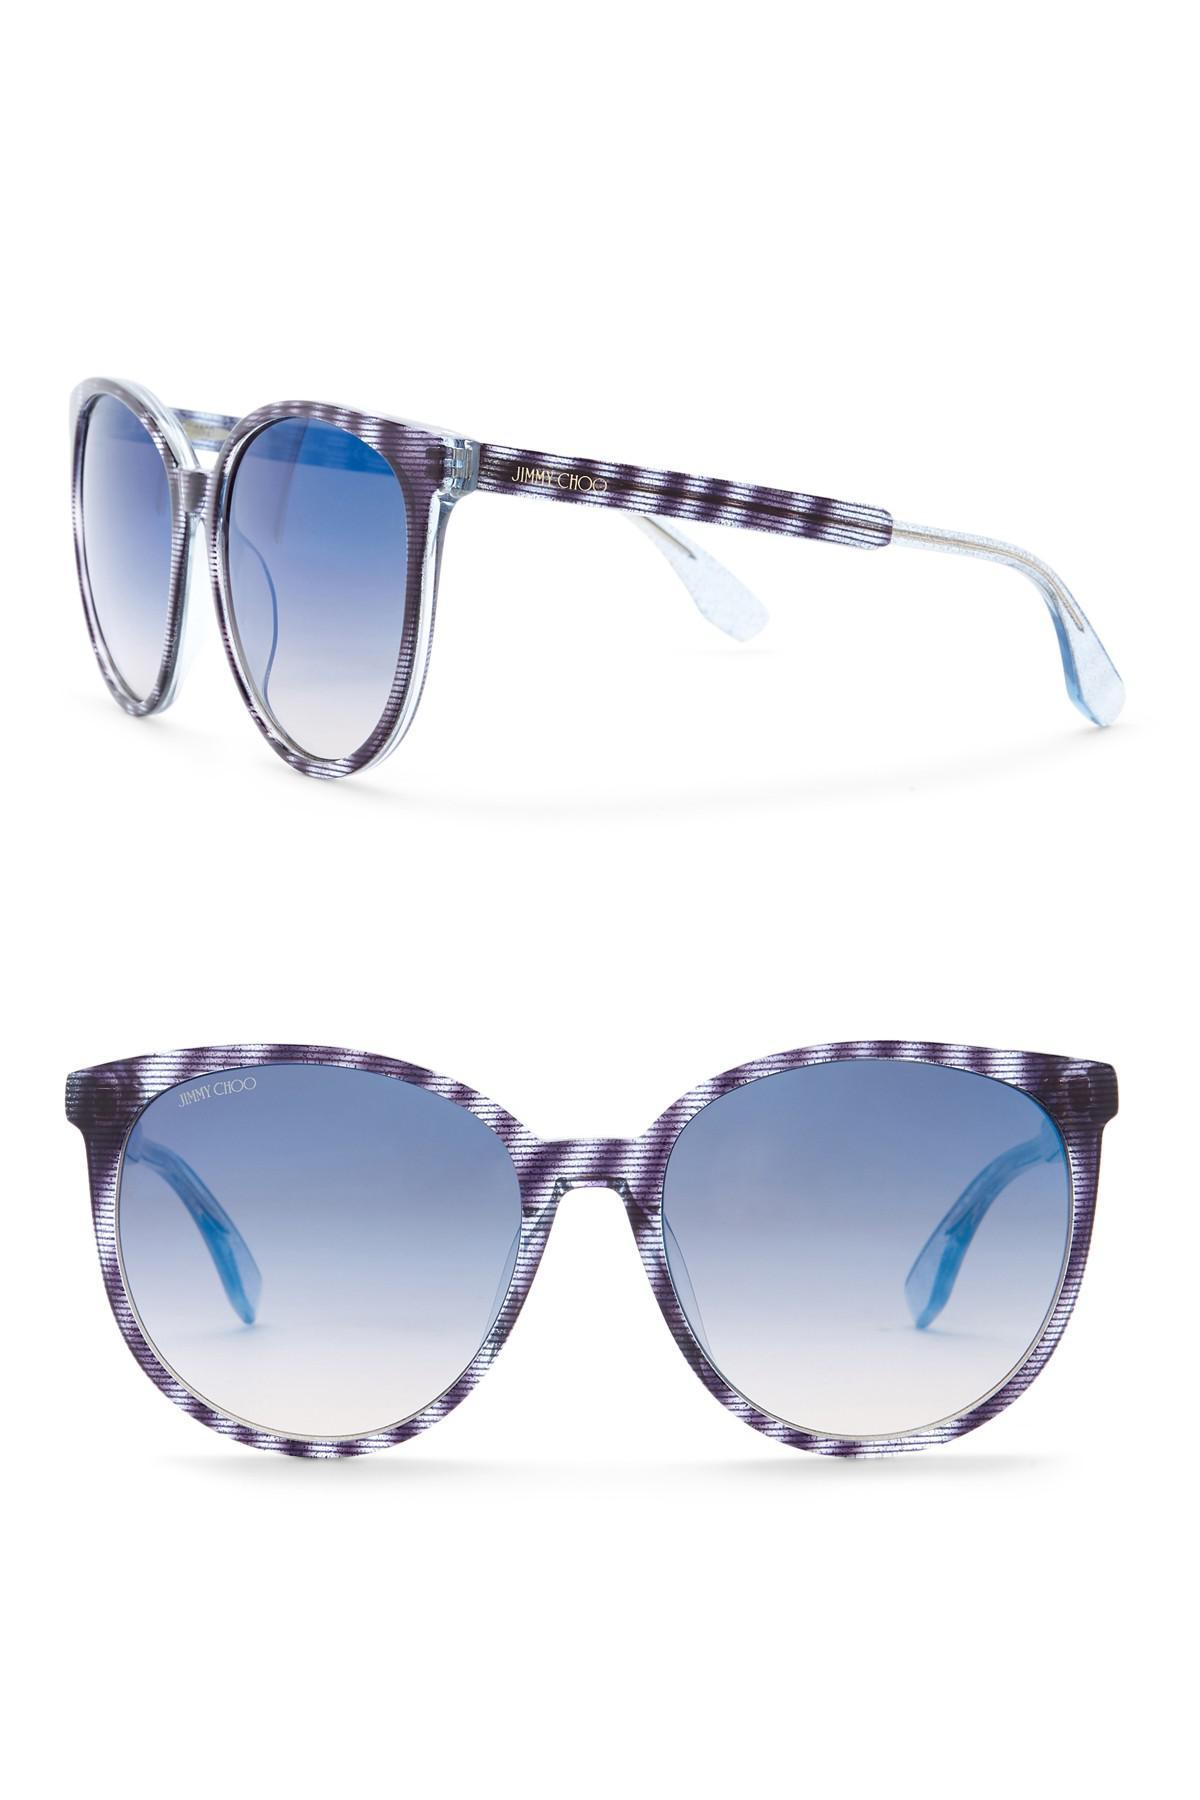 9b4ae0d27e2 Lyst - Jimmy Choo Women s Reece 55mm Oversized Sunglasses in Blue